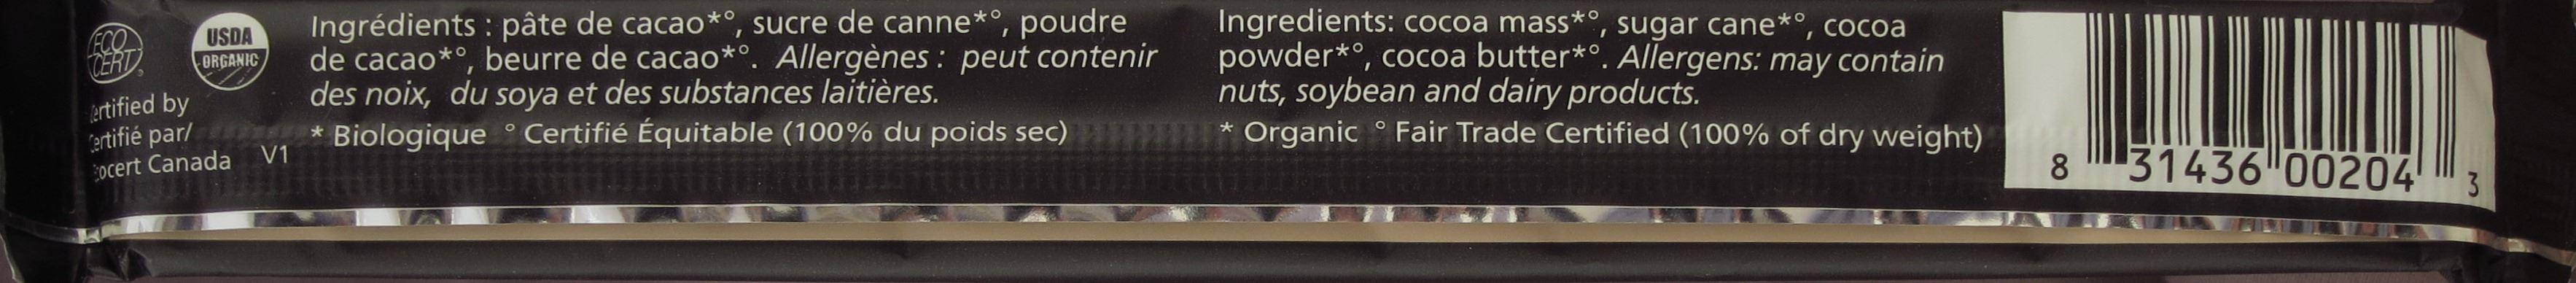 Theobroma Chocolat (Quebec, Kanada) - 80%, Pur - Inhaltsangaben